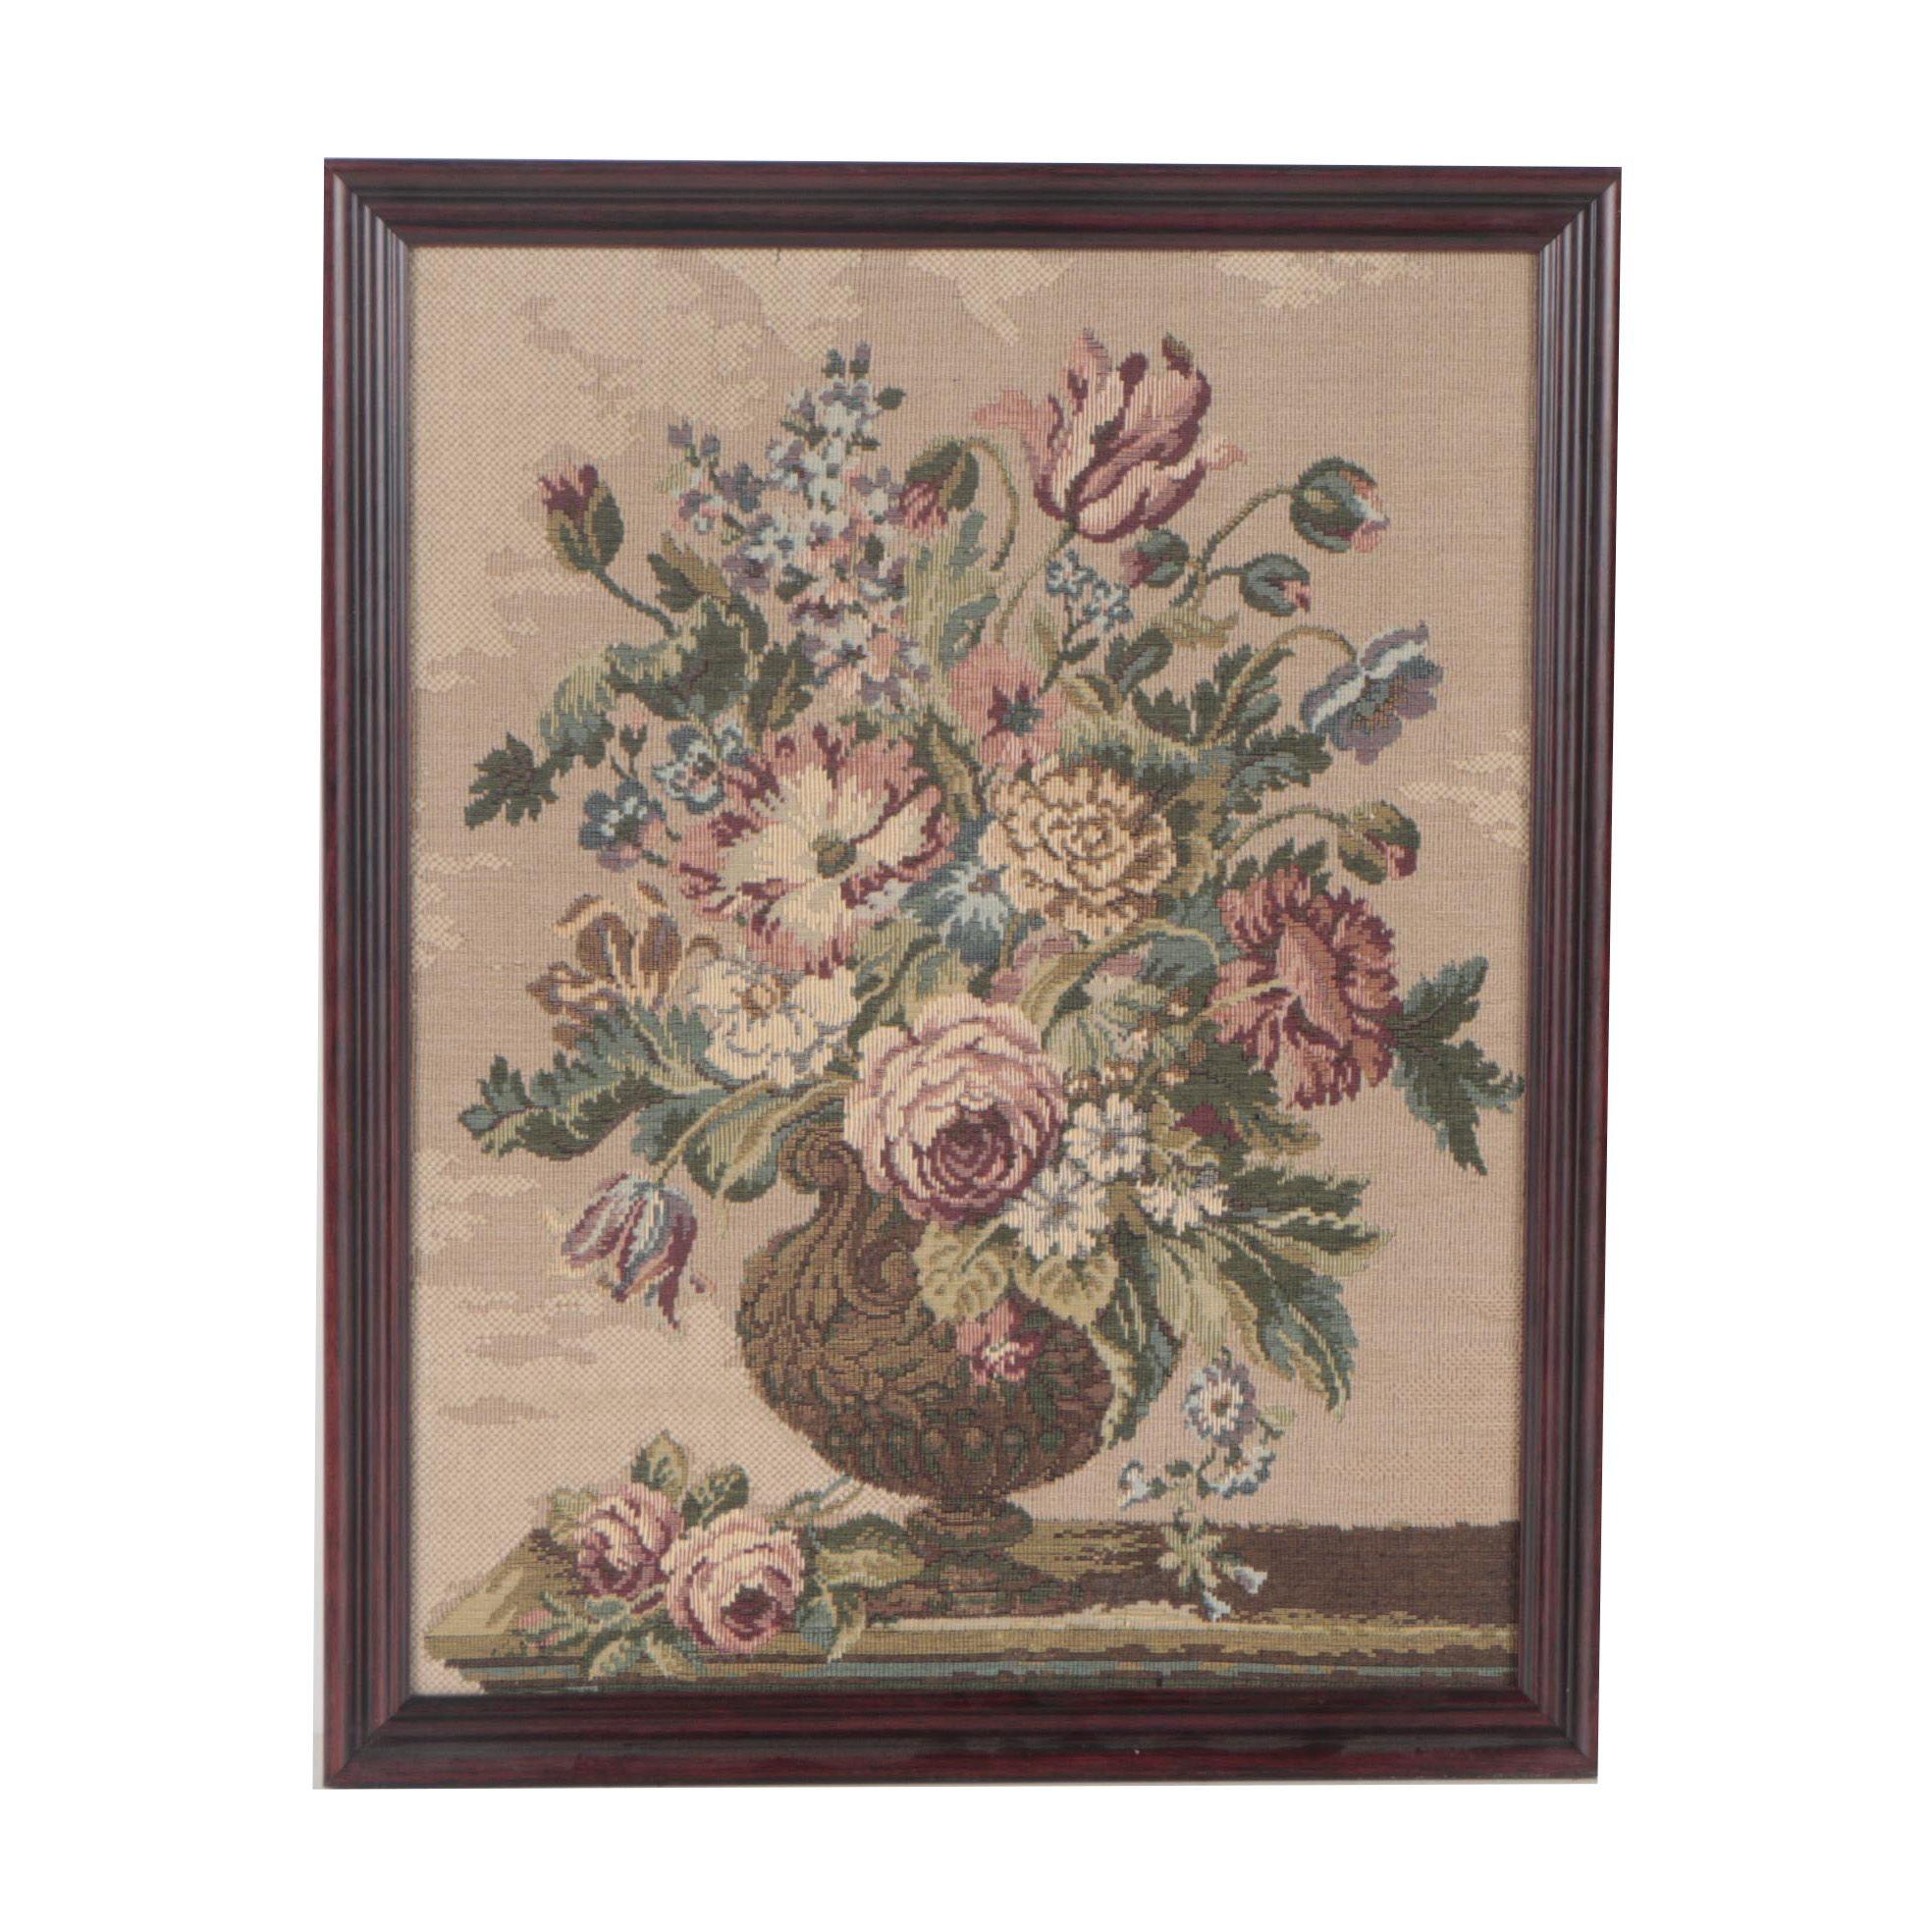 Framed Floral Tapestry